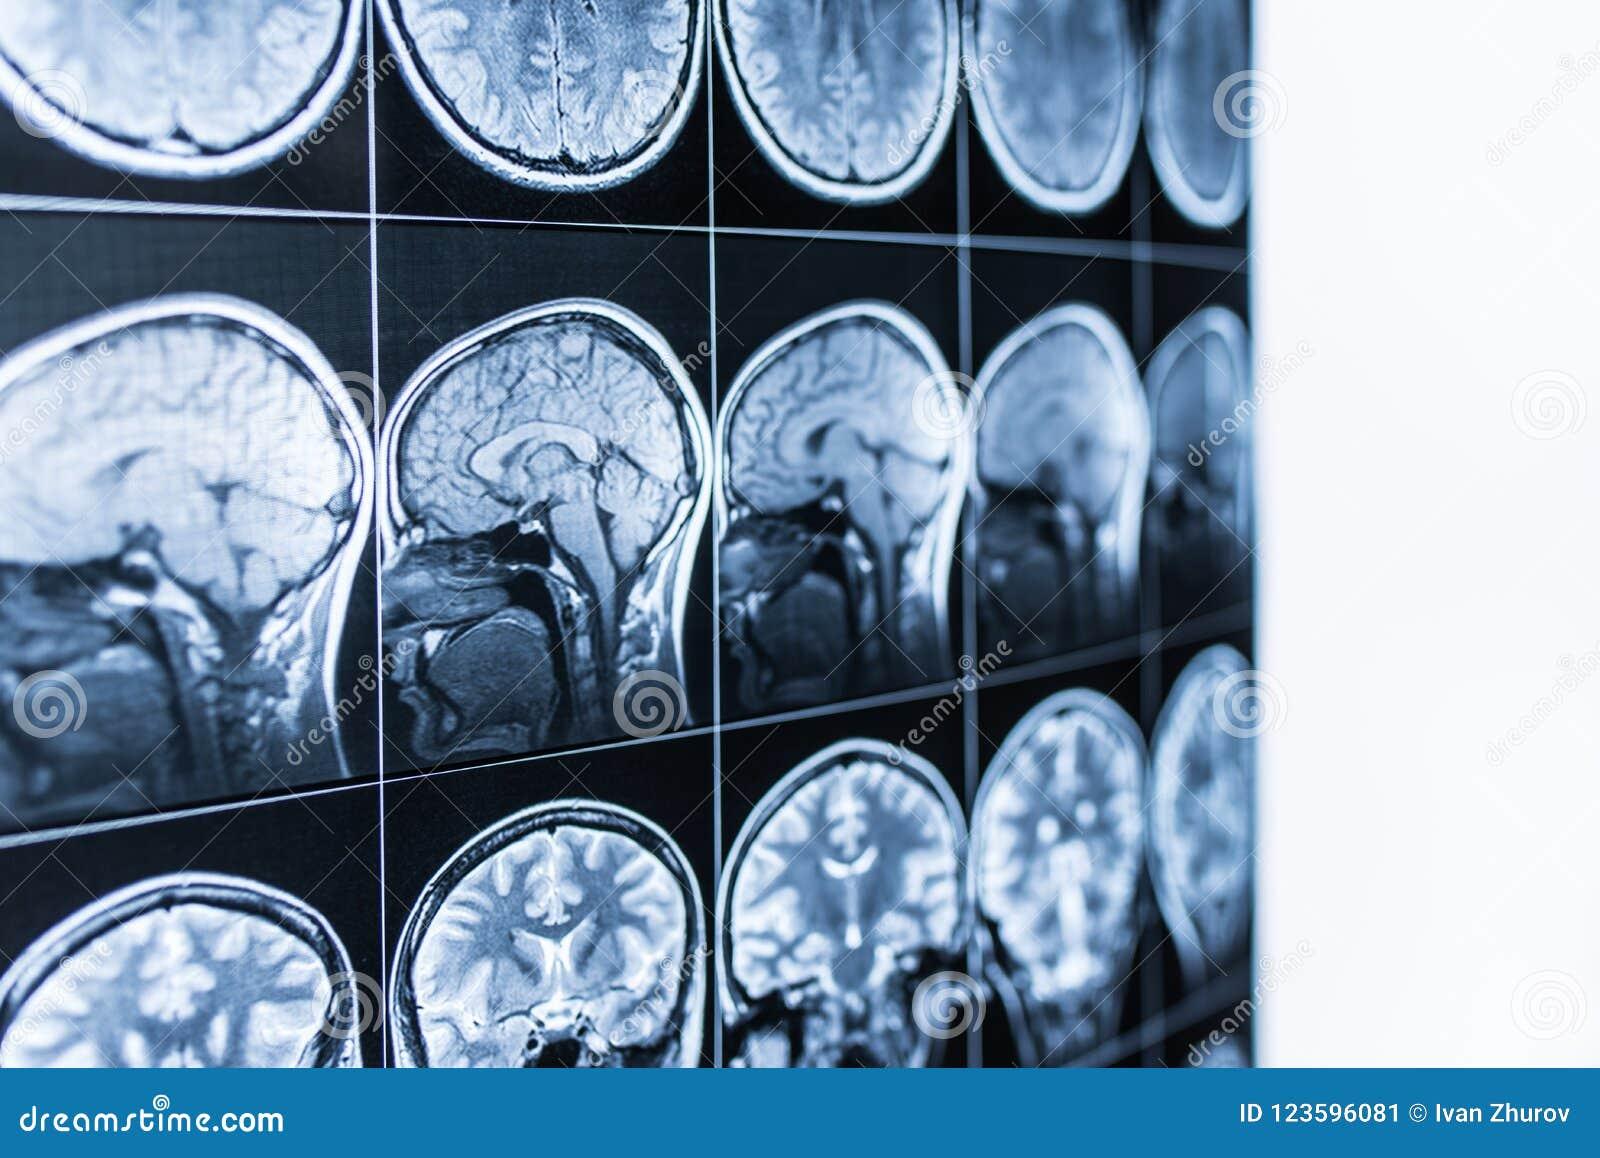 MRI-Scan des Kopfes und des Gehirns einer Person im defocus